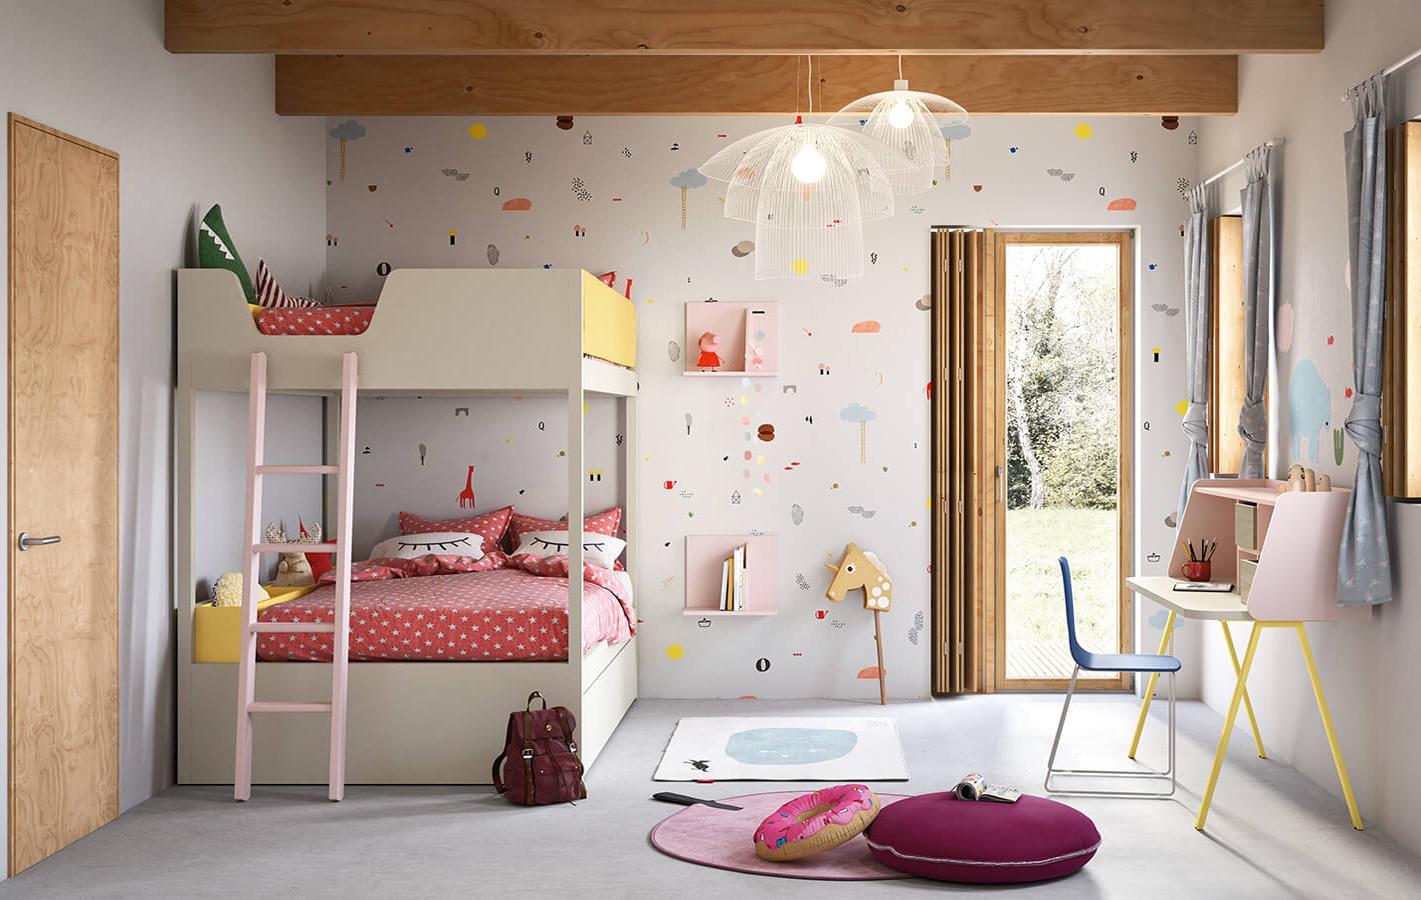 Letti a castello delle camerette Nidi Kids di Battistella